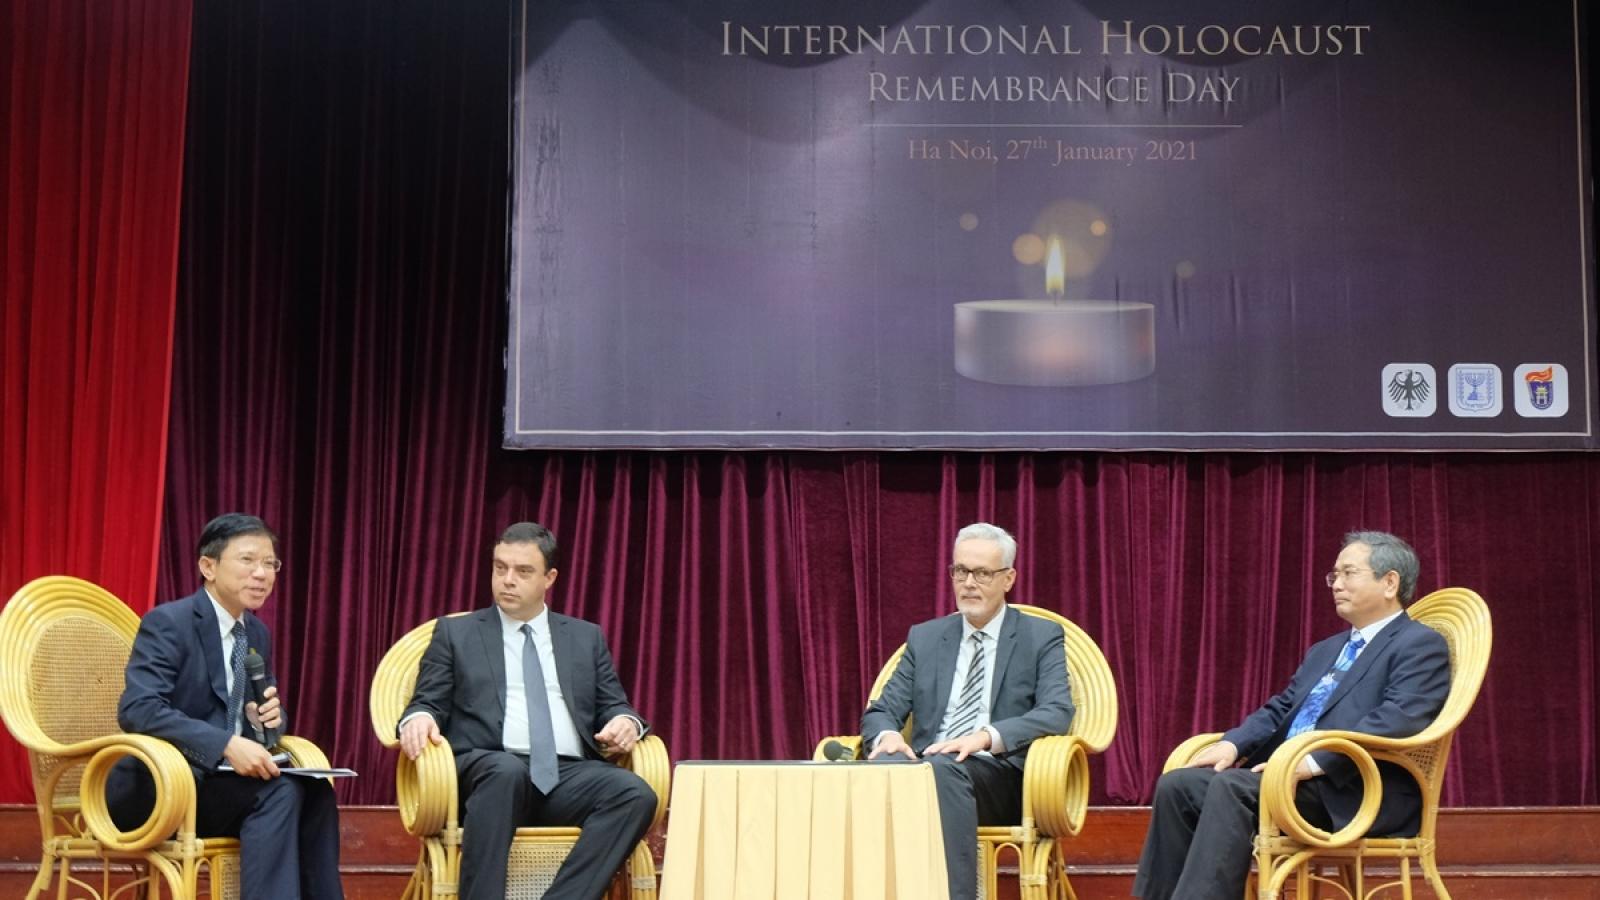 Đại sứ Israel: Cuộc diệt chủng Do Thái buộc dân tộc này phải thành lập quốc gia riêng